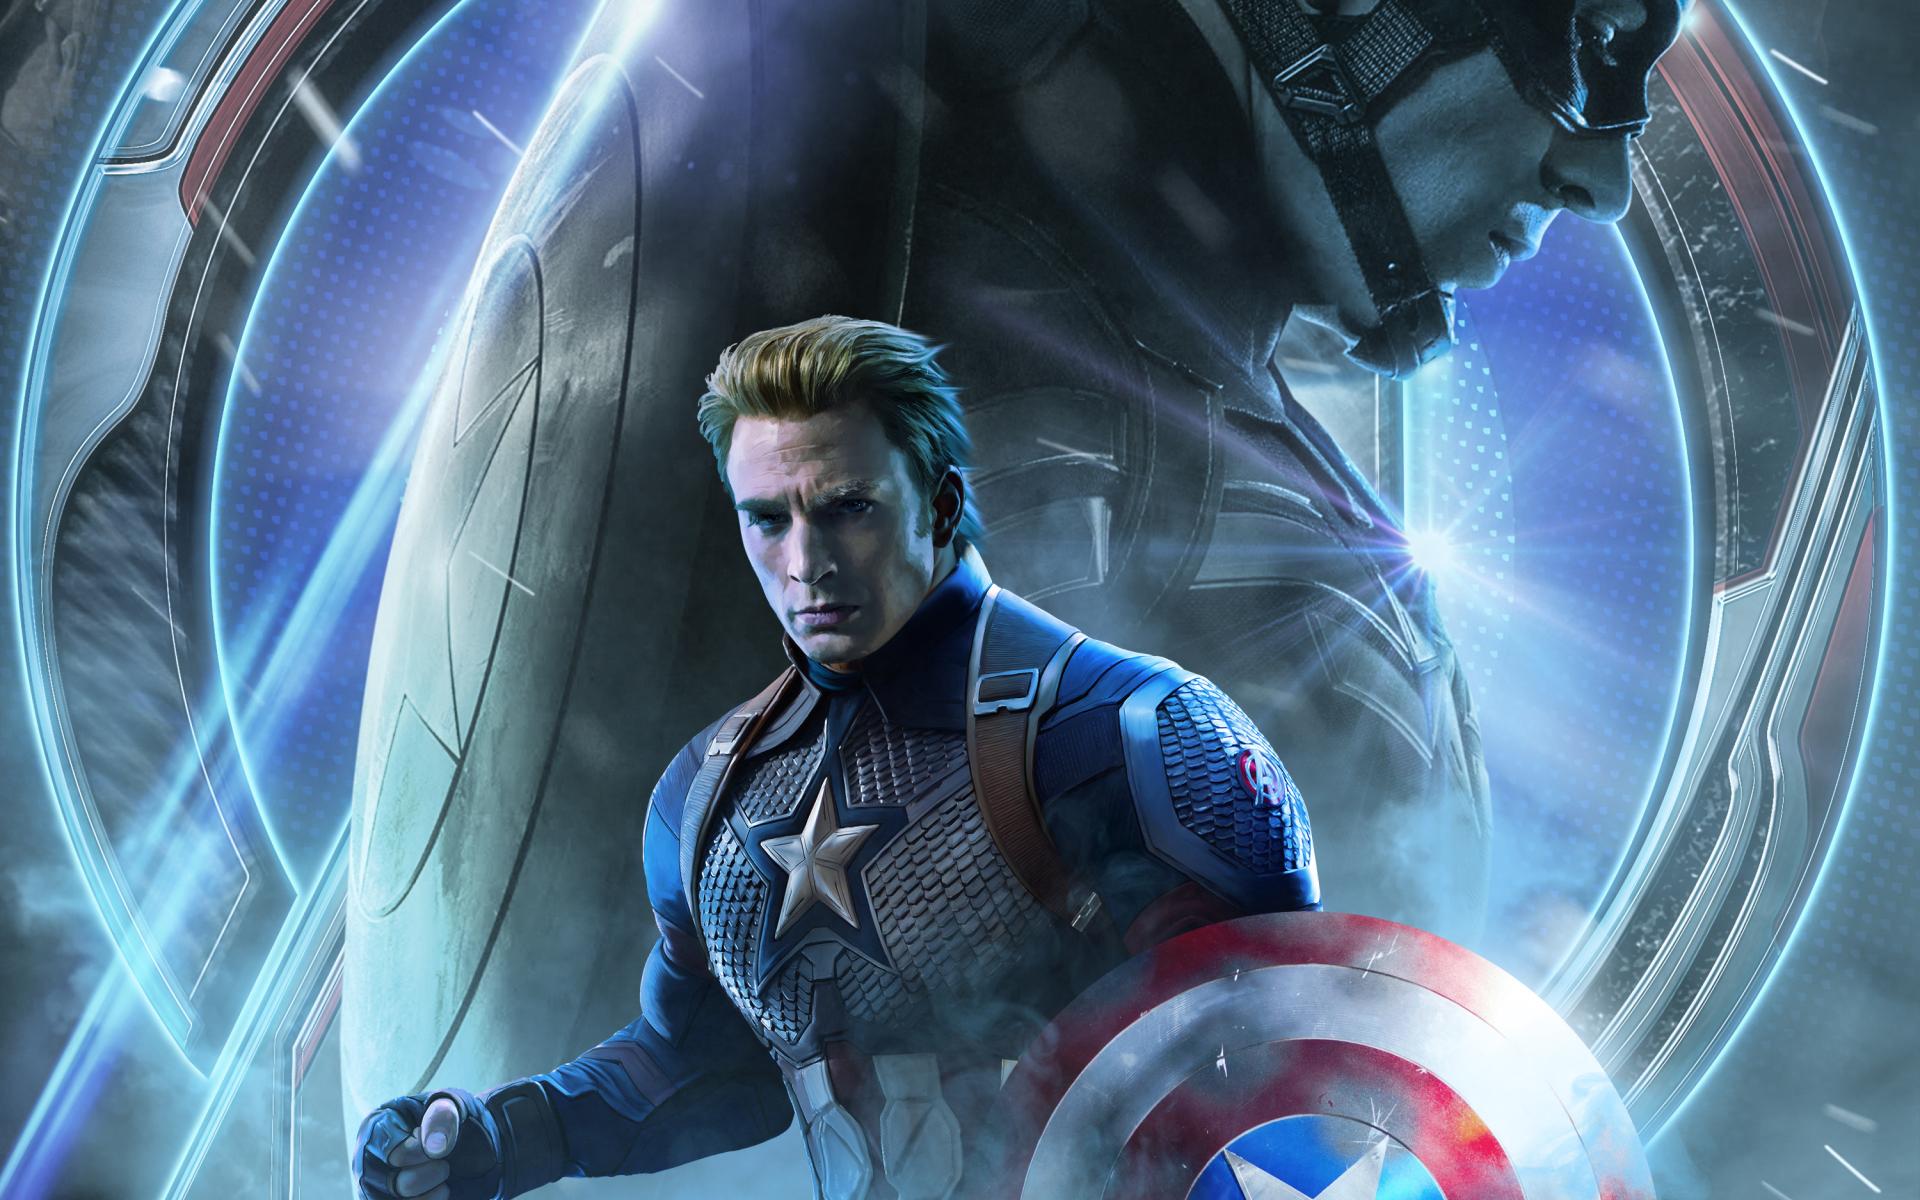 1920x1200 Avengers Endgame Captain America Poster Art ...